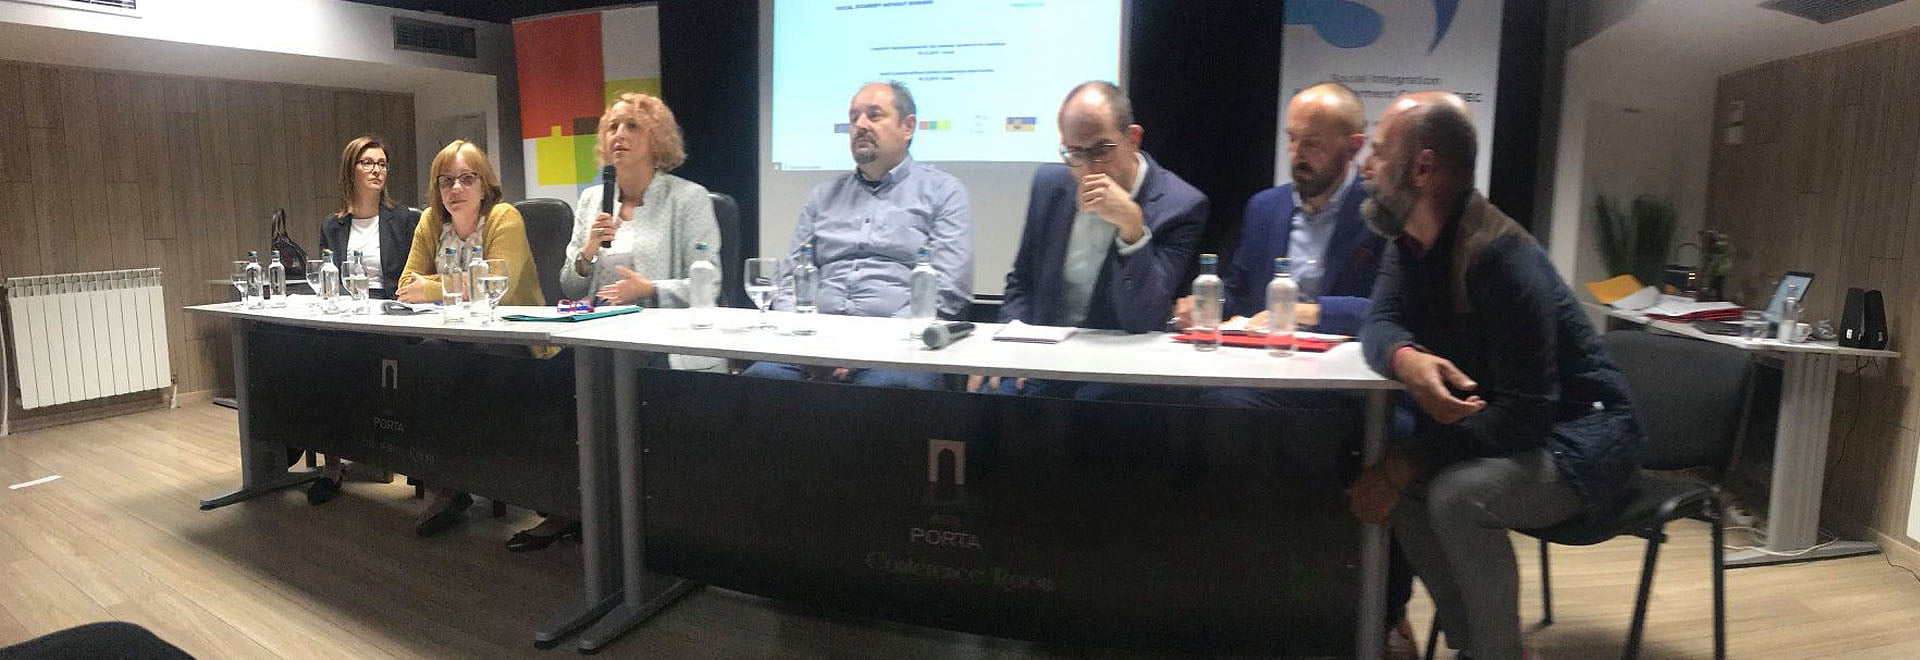 ARNO drejtoj Konferencën Ndërmarrësi Sociale Pa Kufij: Mundësitë e Bashkëpunimit image